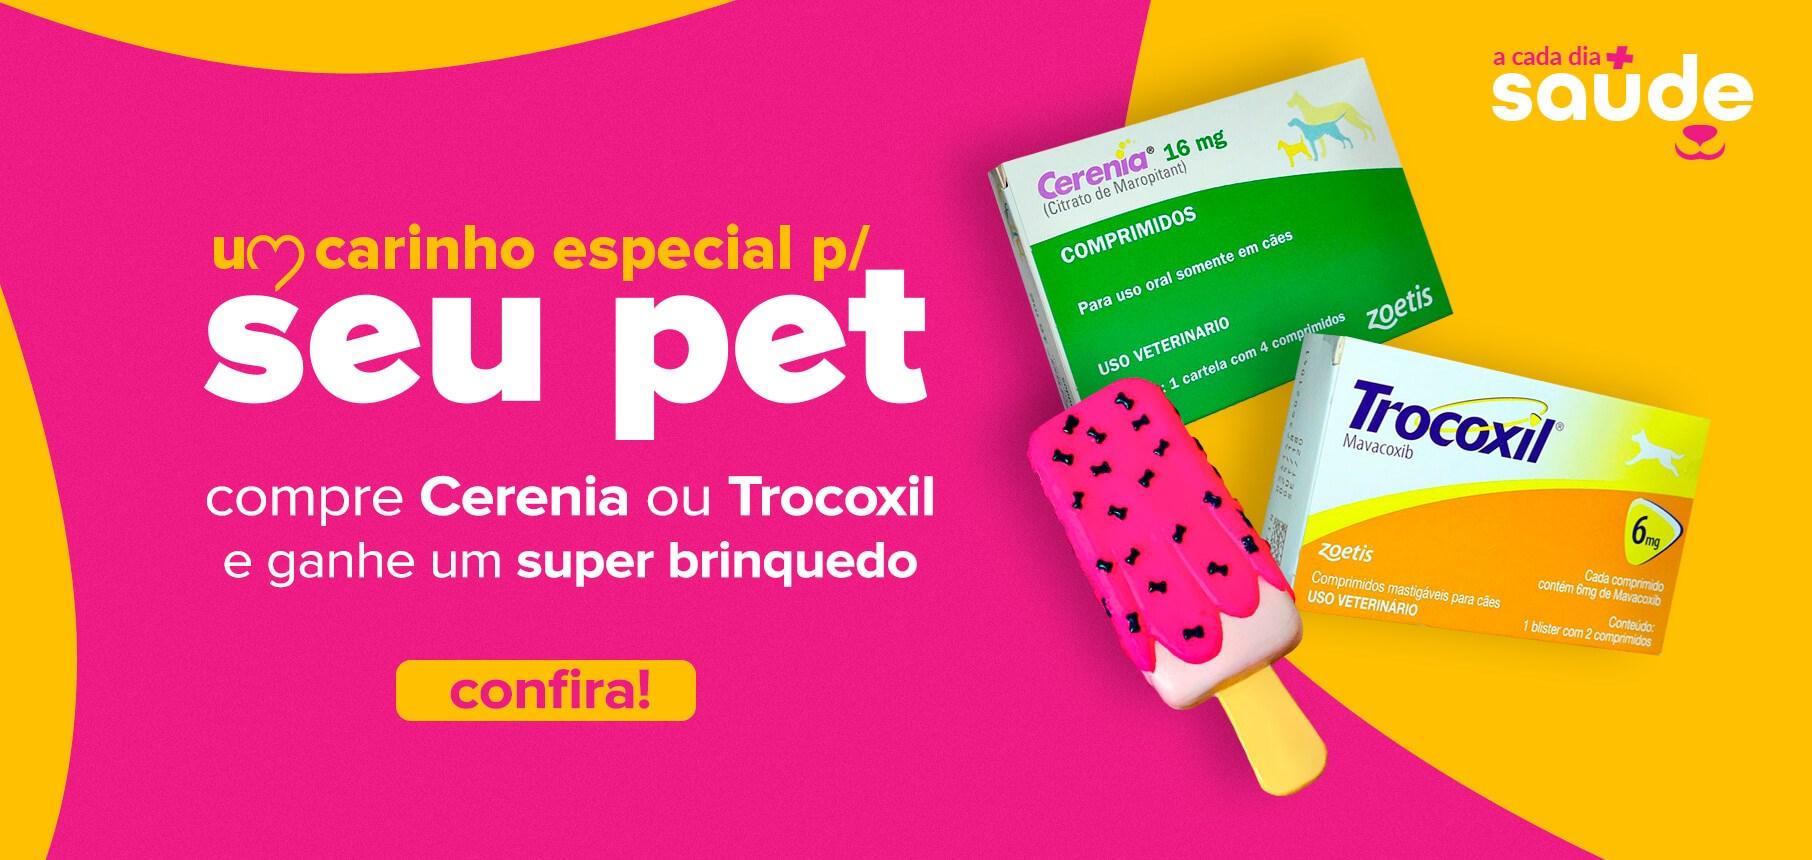 Compre Cerenia ou Trocoxil e ganhe 1 brinquedo